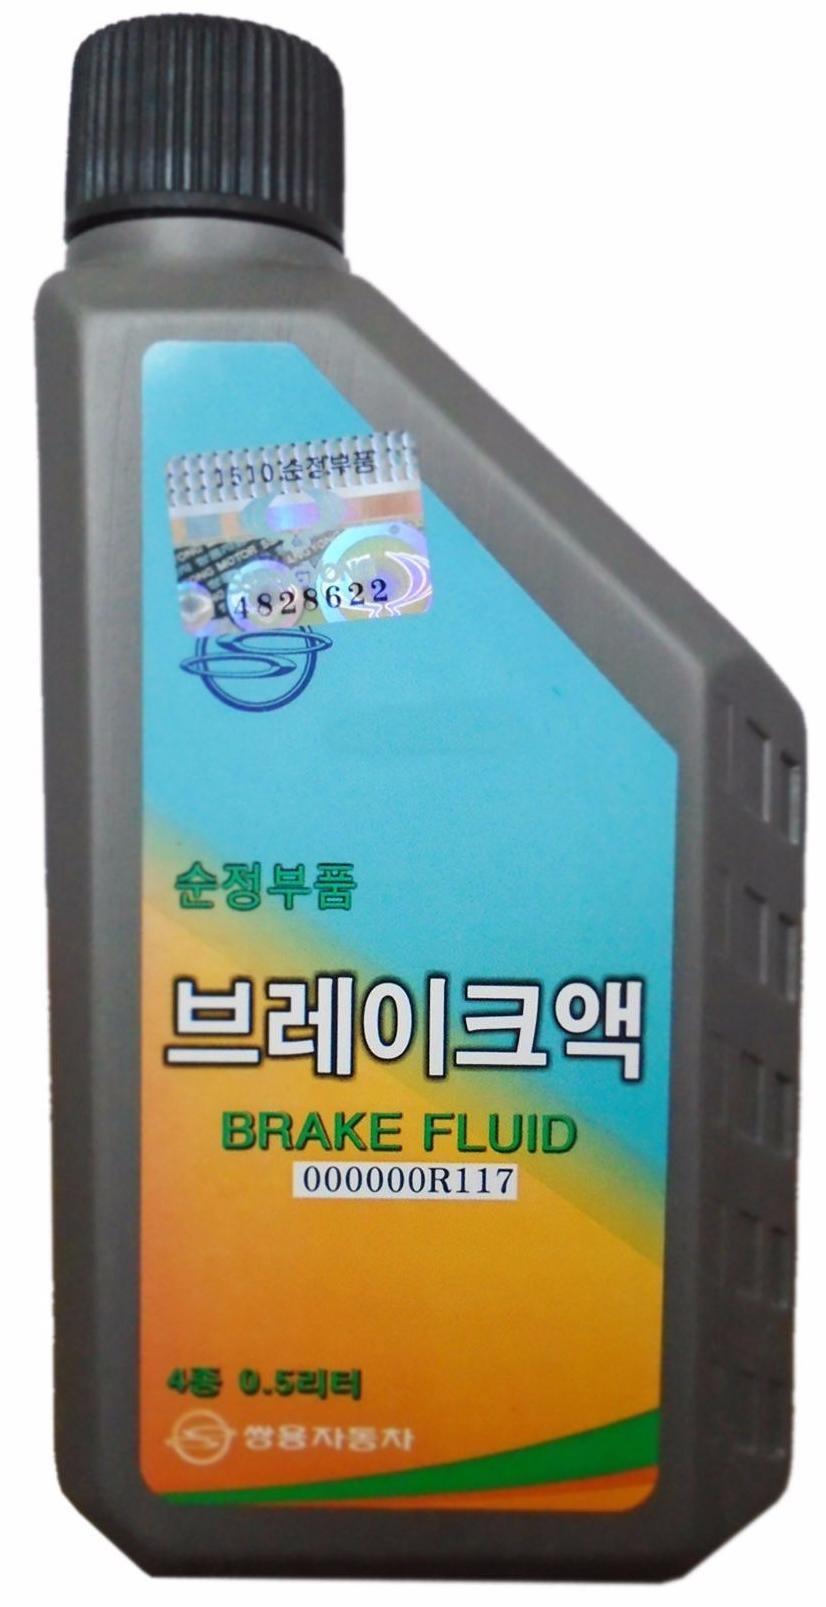 Тормозная жидкость SSANGYONG DOT-4 Brake Fluid 0,5л